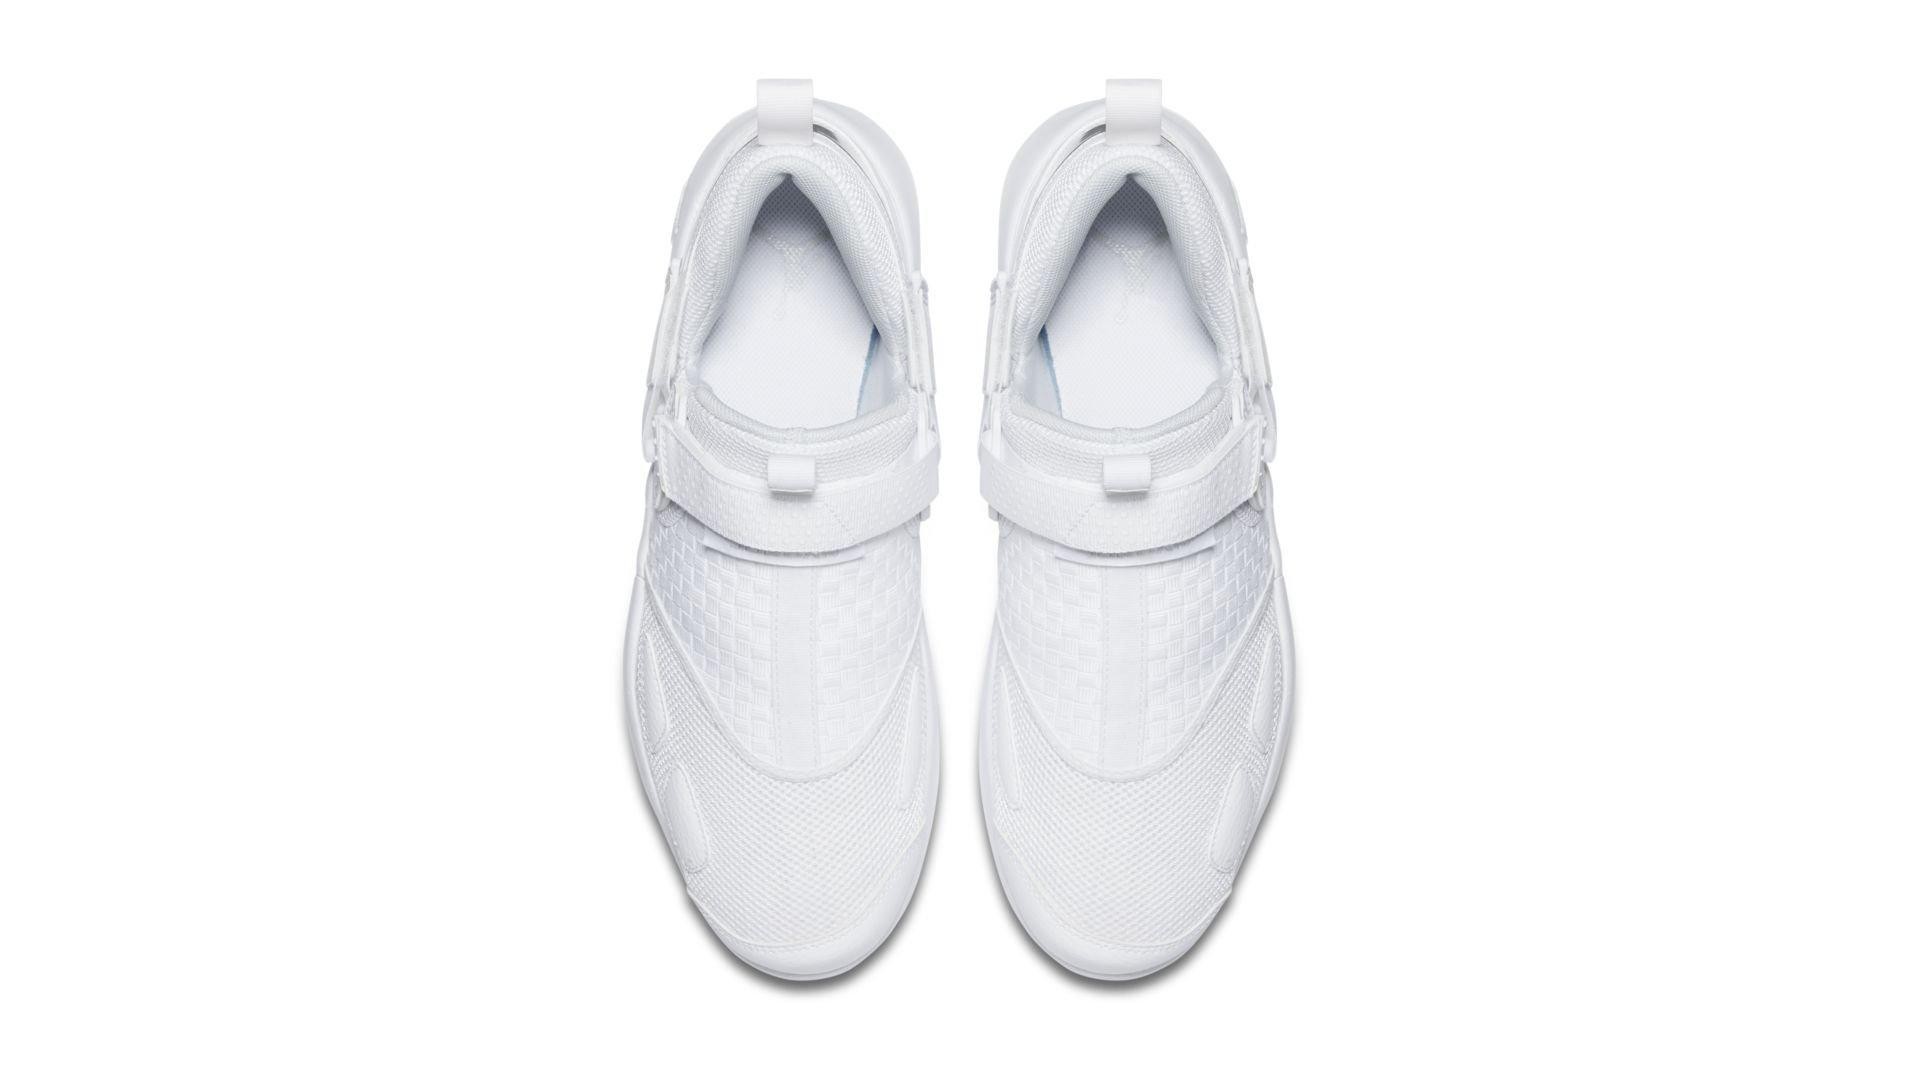 Jordan Trunner LX Triple White (897992-100)